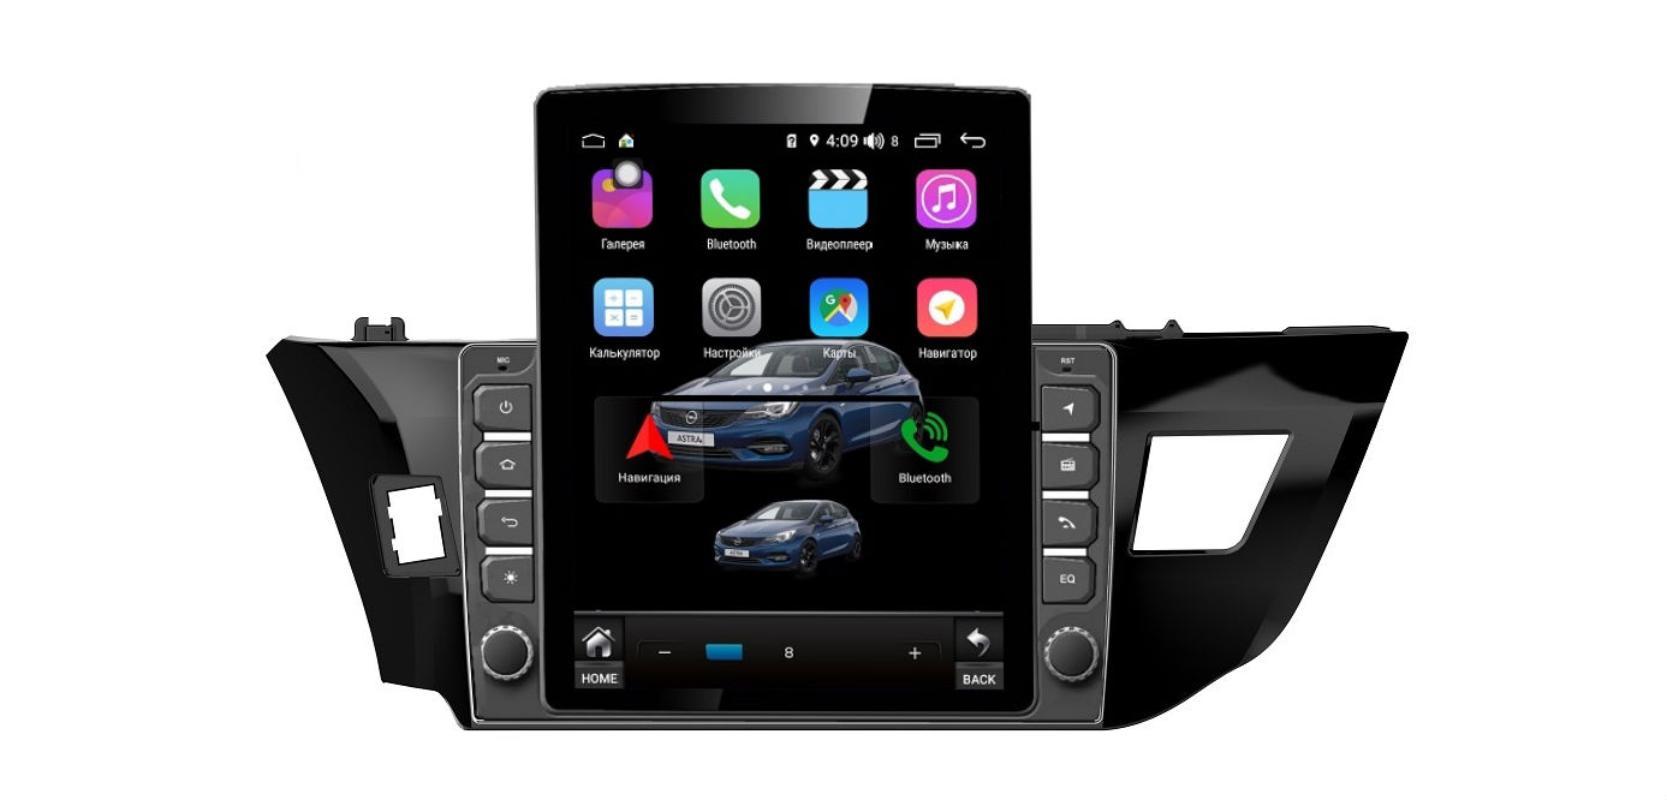 Штатная магнитола FarCar s300+SIM 4G для Toyota Corolla на Android (RT307R) (+ Камера заднего вида в подарок!)